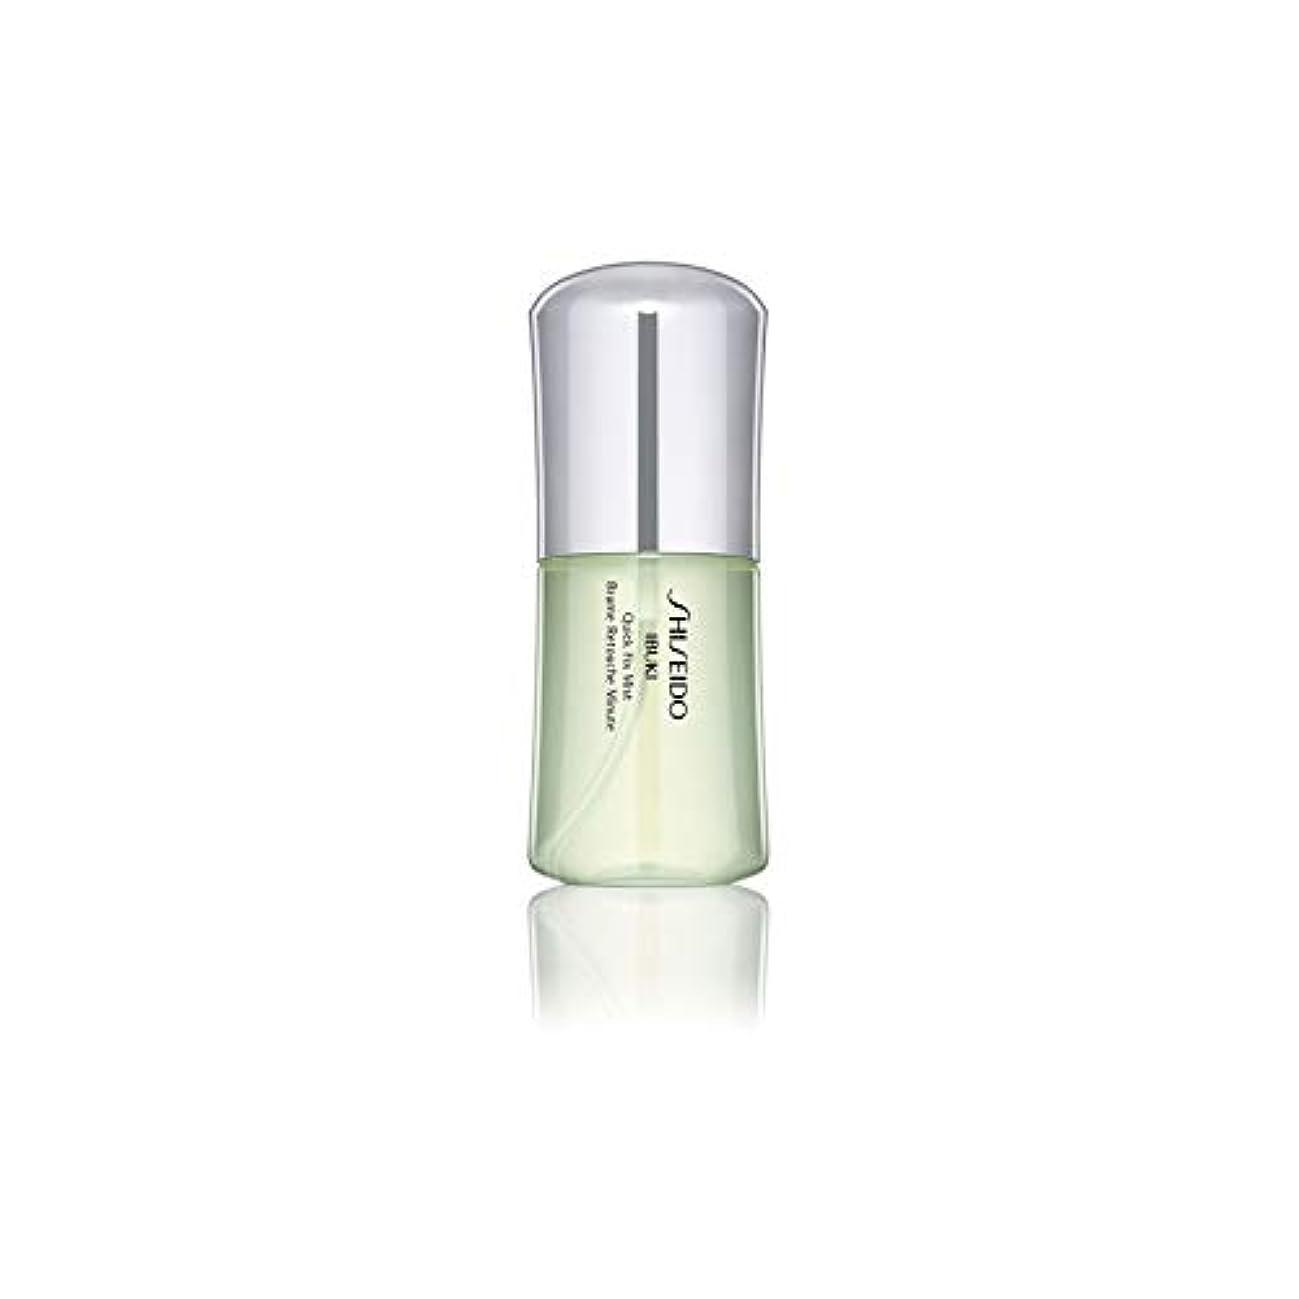 寝るカリング石鹸[Shiseido] 資生堂伊吹クイックフィックスミスト(50ミリリットル) - Shiseido Ibuki Quick Fix Mist (50ml) [並行輸入品]